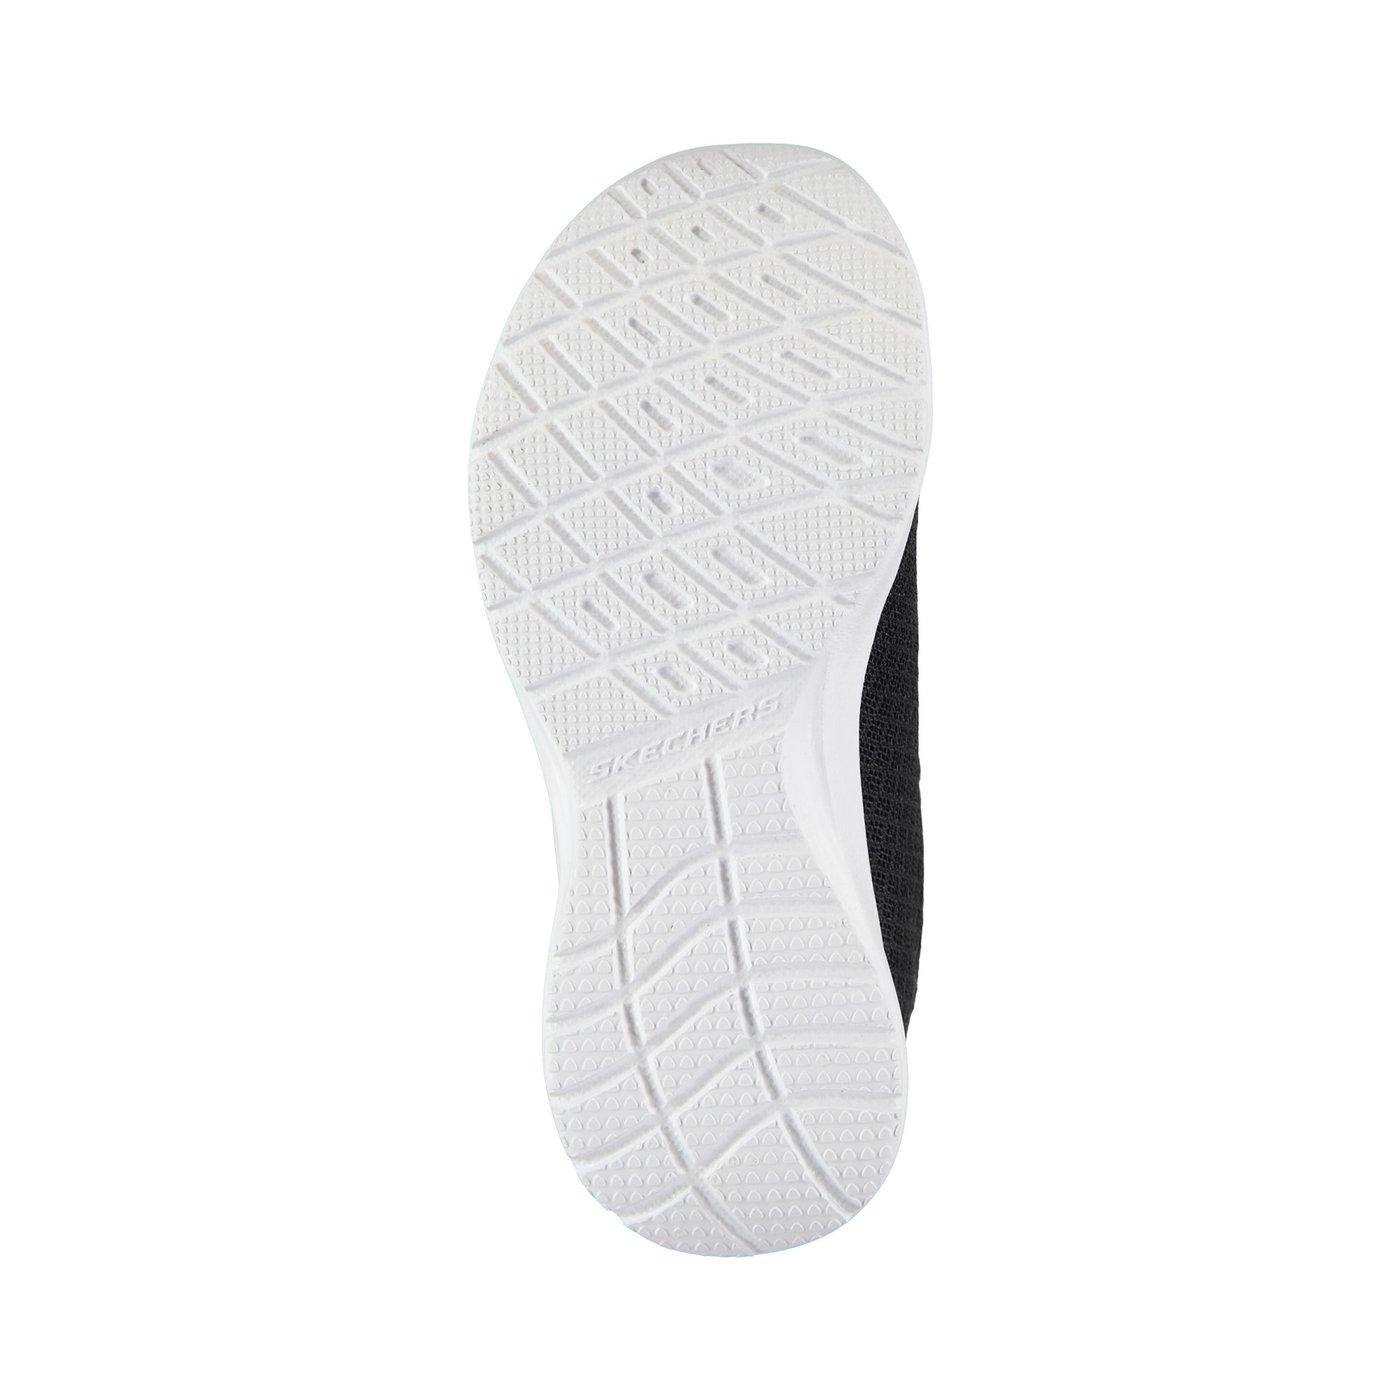 Skechers Dynamight Kız Çocuk Siyah-Beyaz Spor Ayakkabı